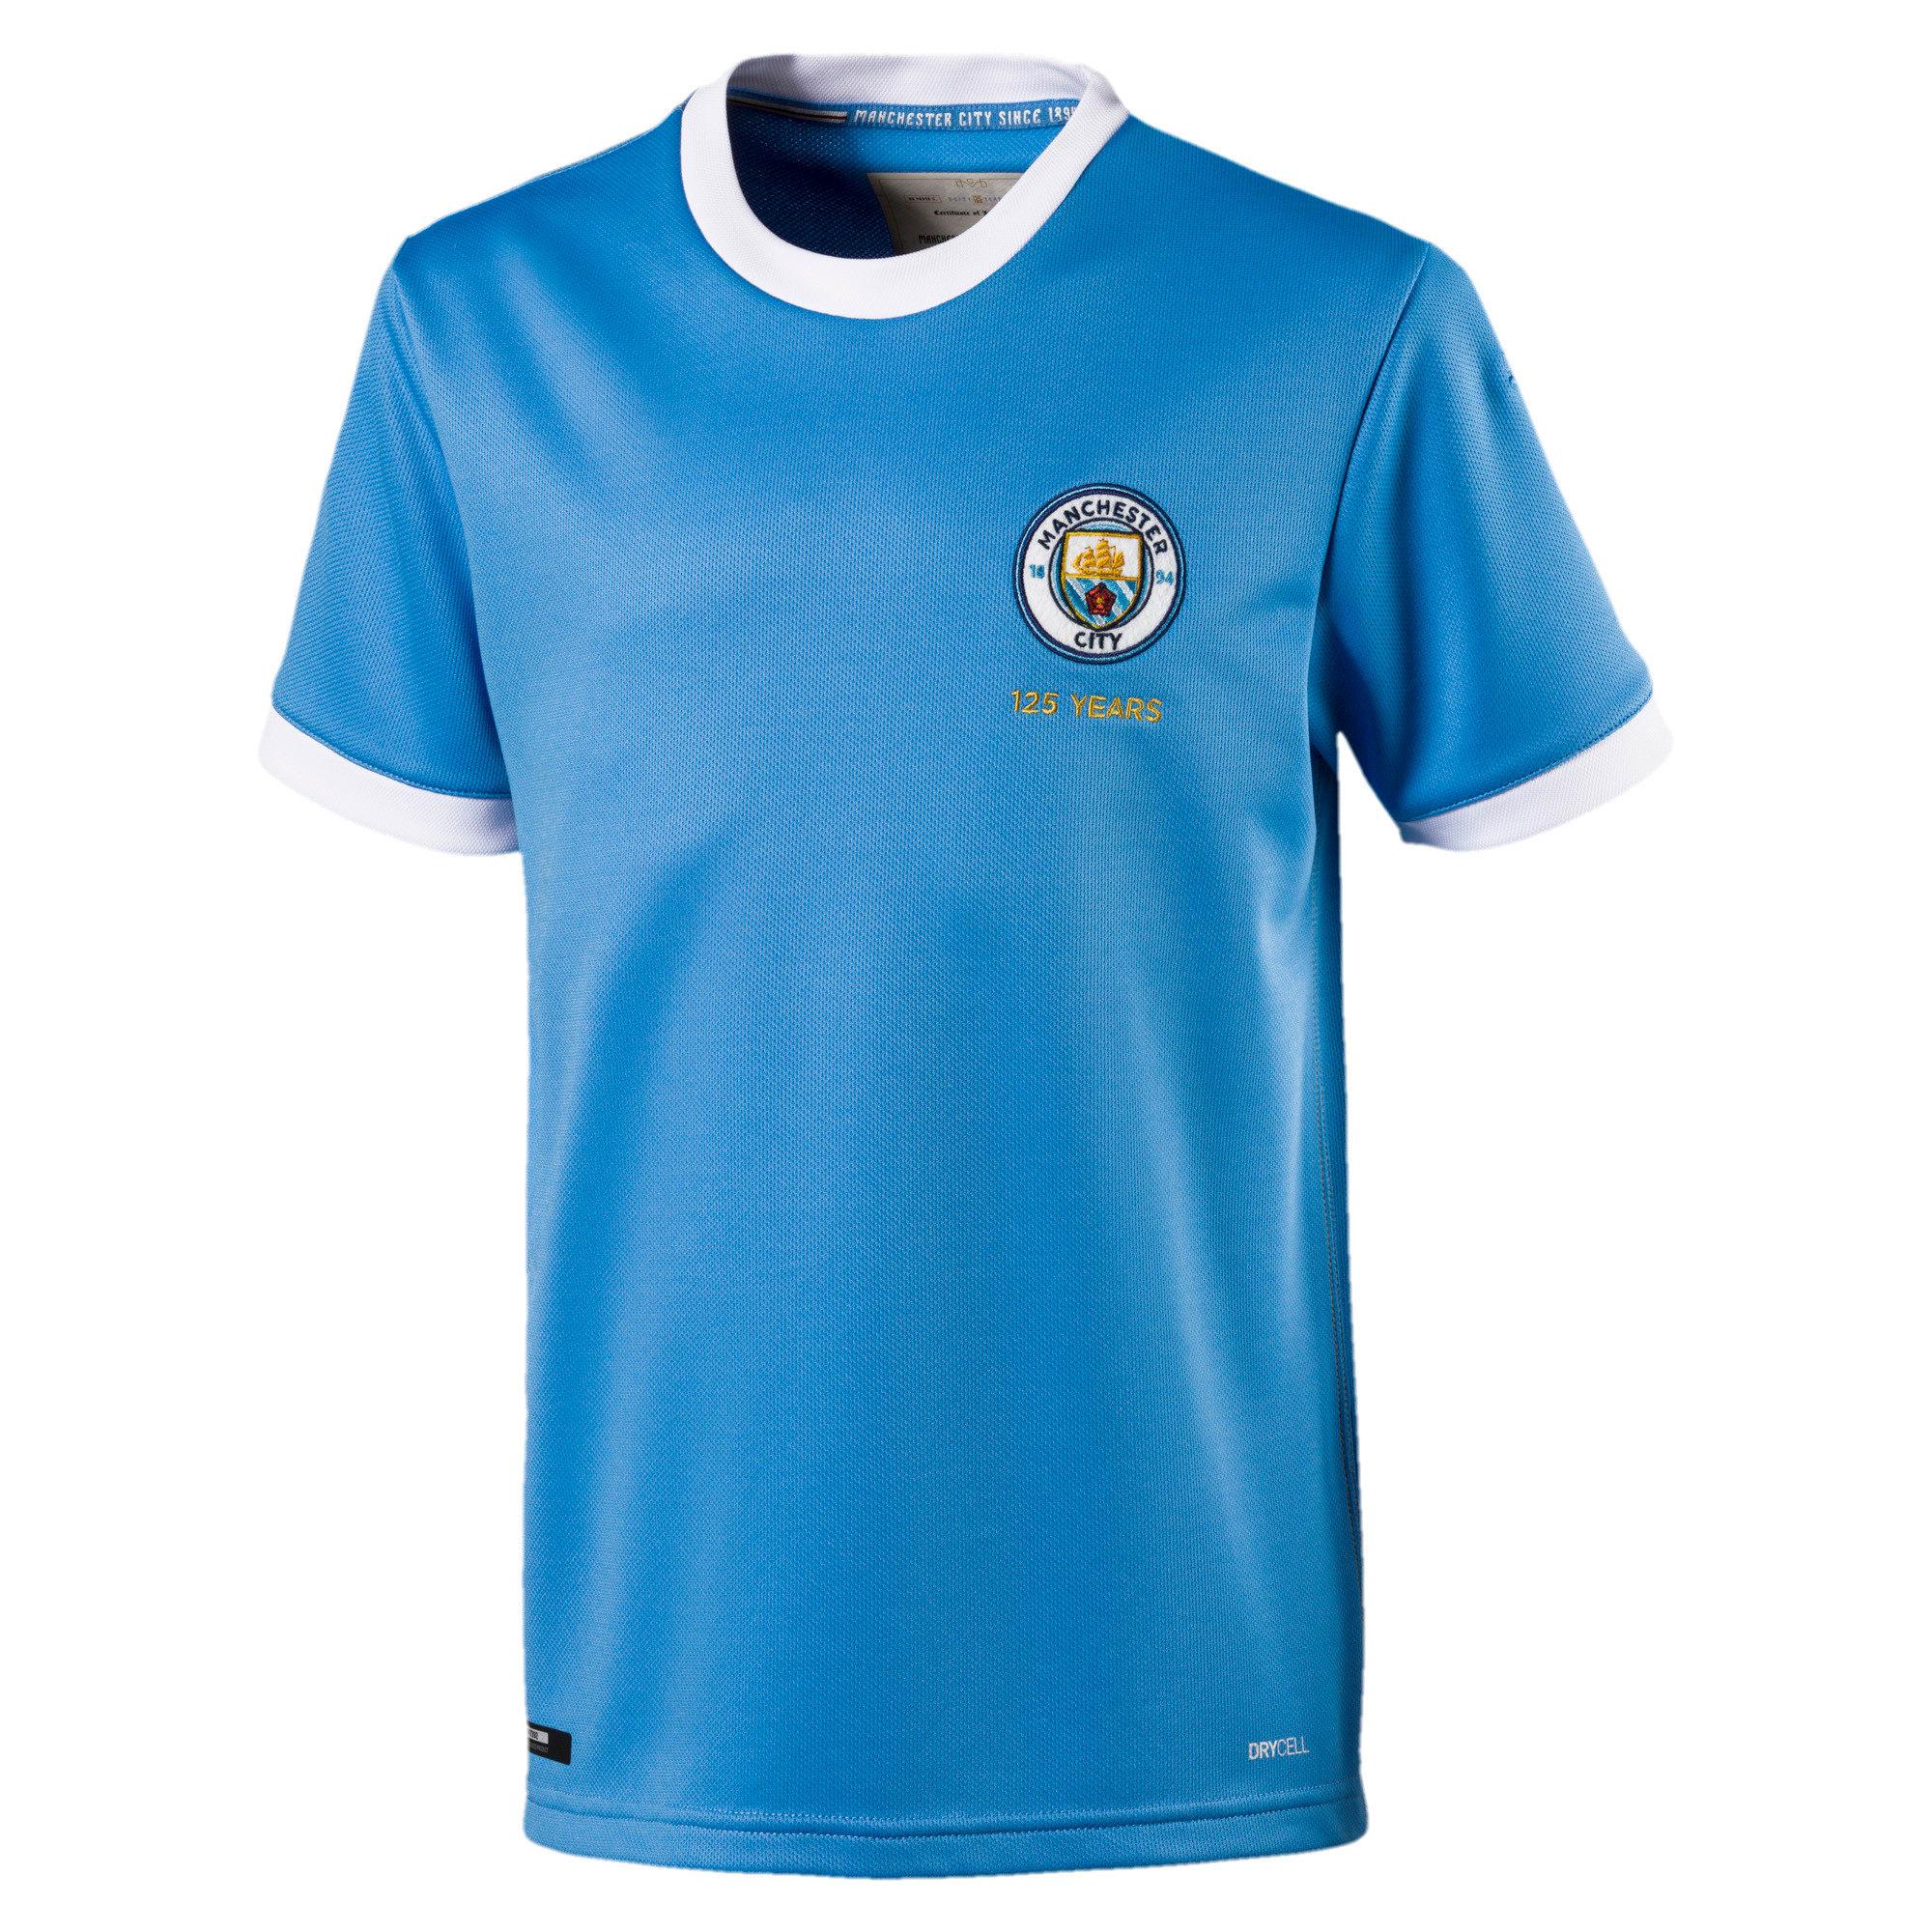 Thumbnail 1 of Manchester City 125 Year Anniversary shirt voor kinderen, Marina-Puma White, medium